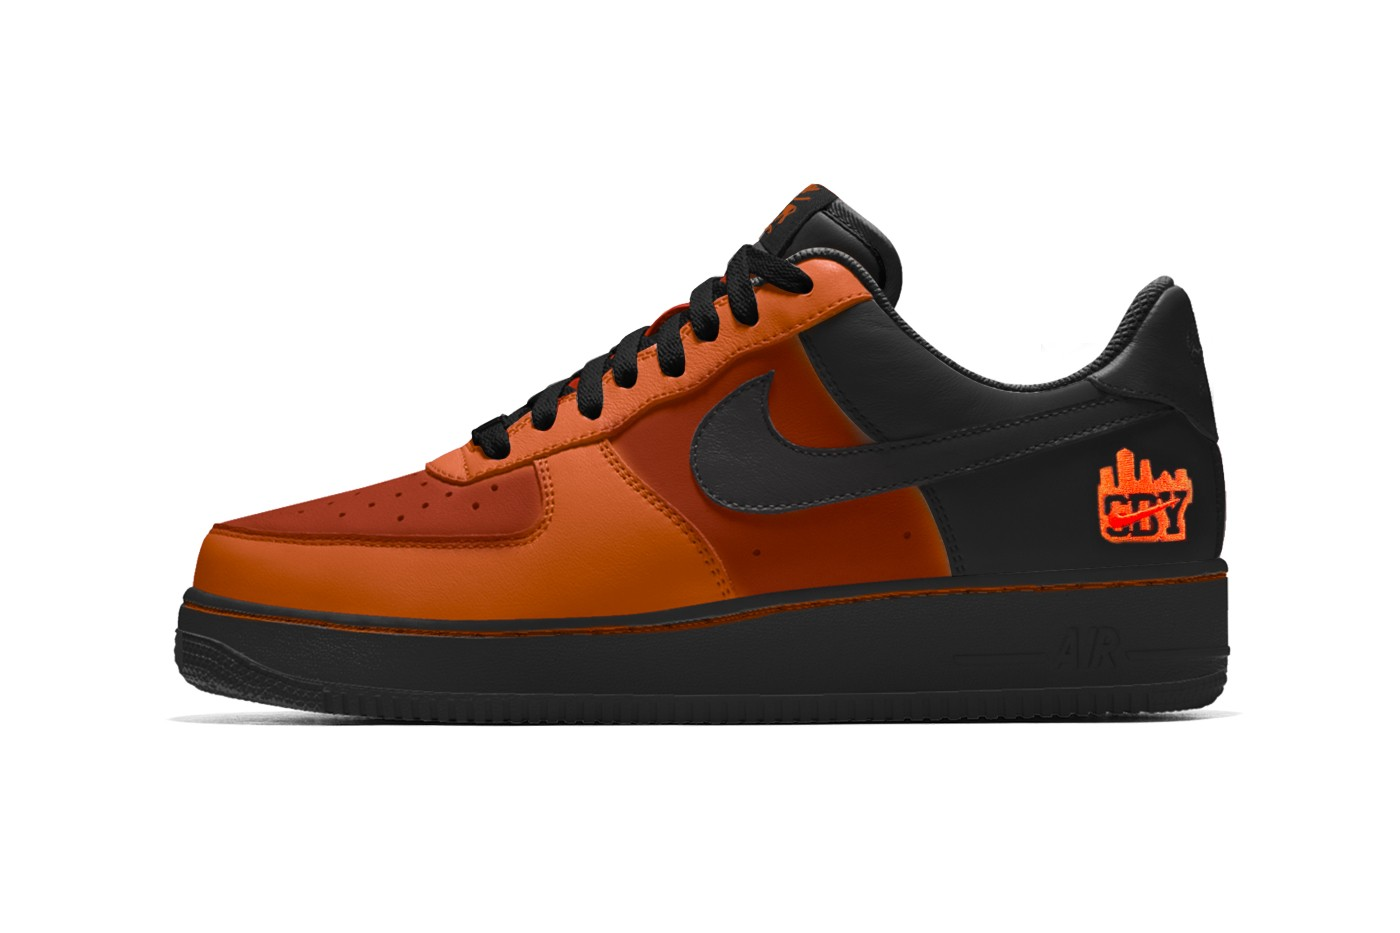 Nike Japan-Exclusive Halloween Air